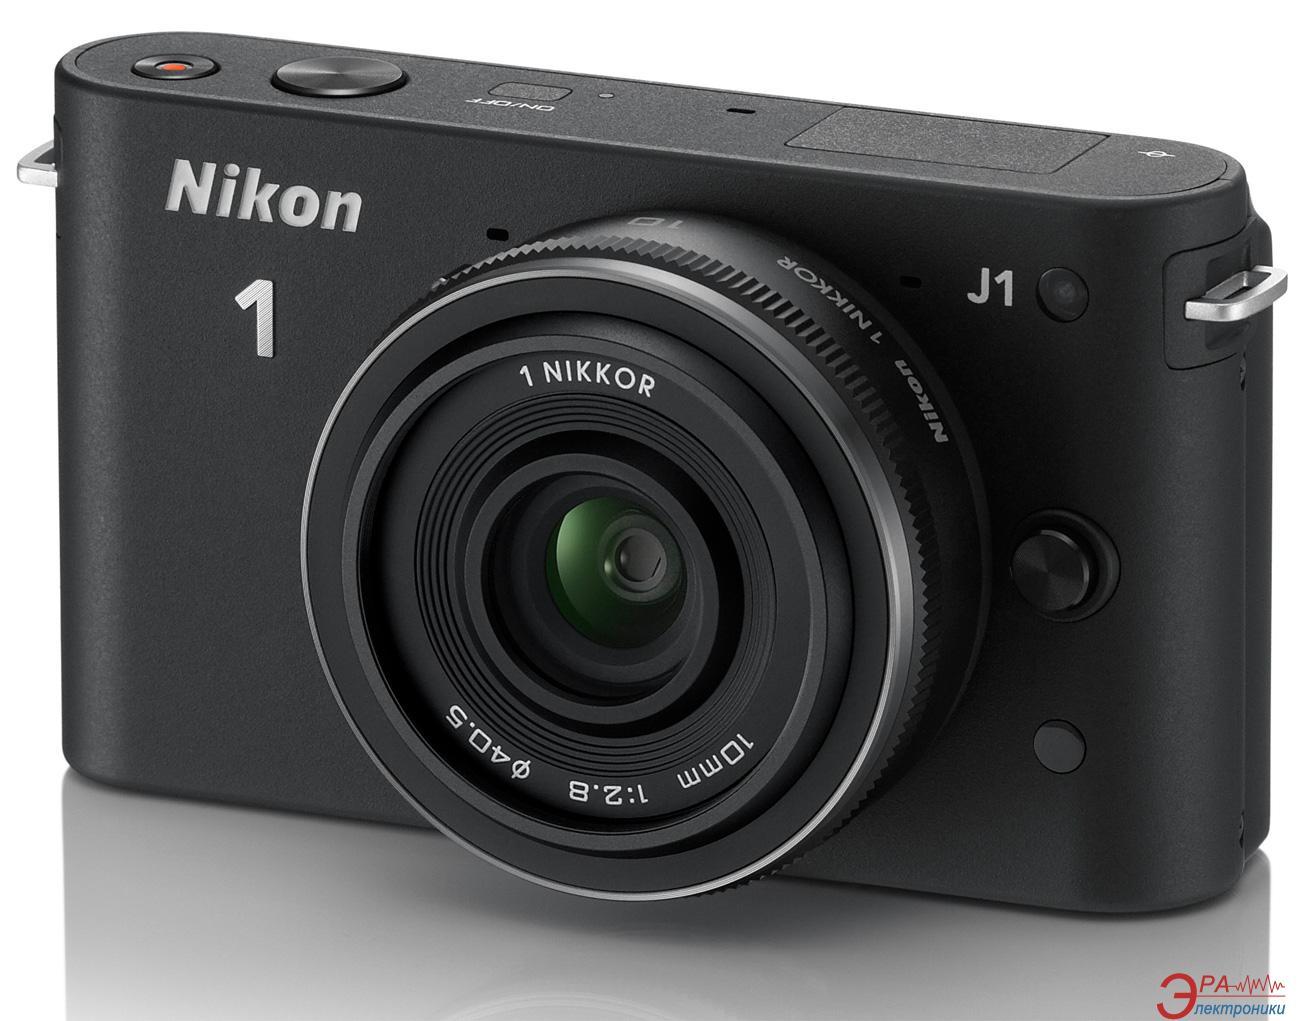 Цифровой фотоаппарат Nikon 1 J1 Kit + объектив 10mm f/ 2.8 Black (VVA151K002)